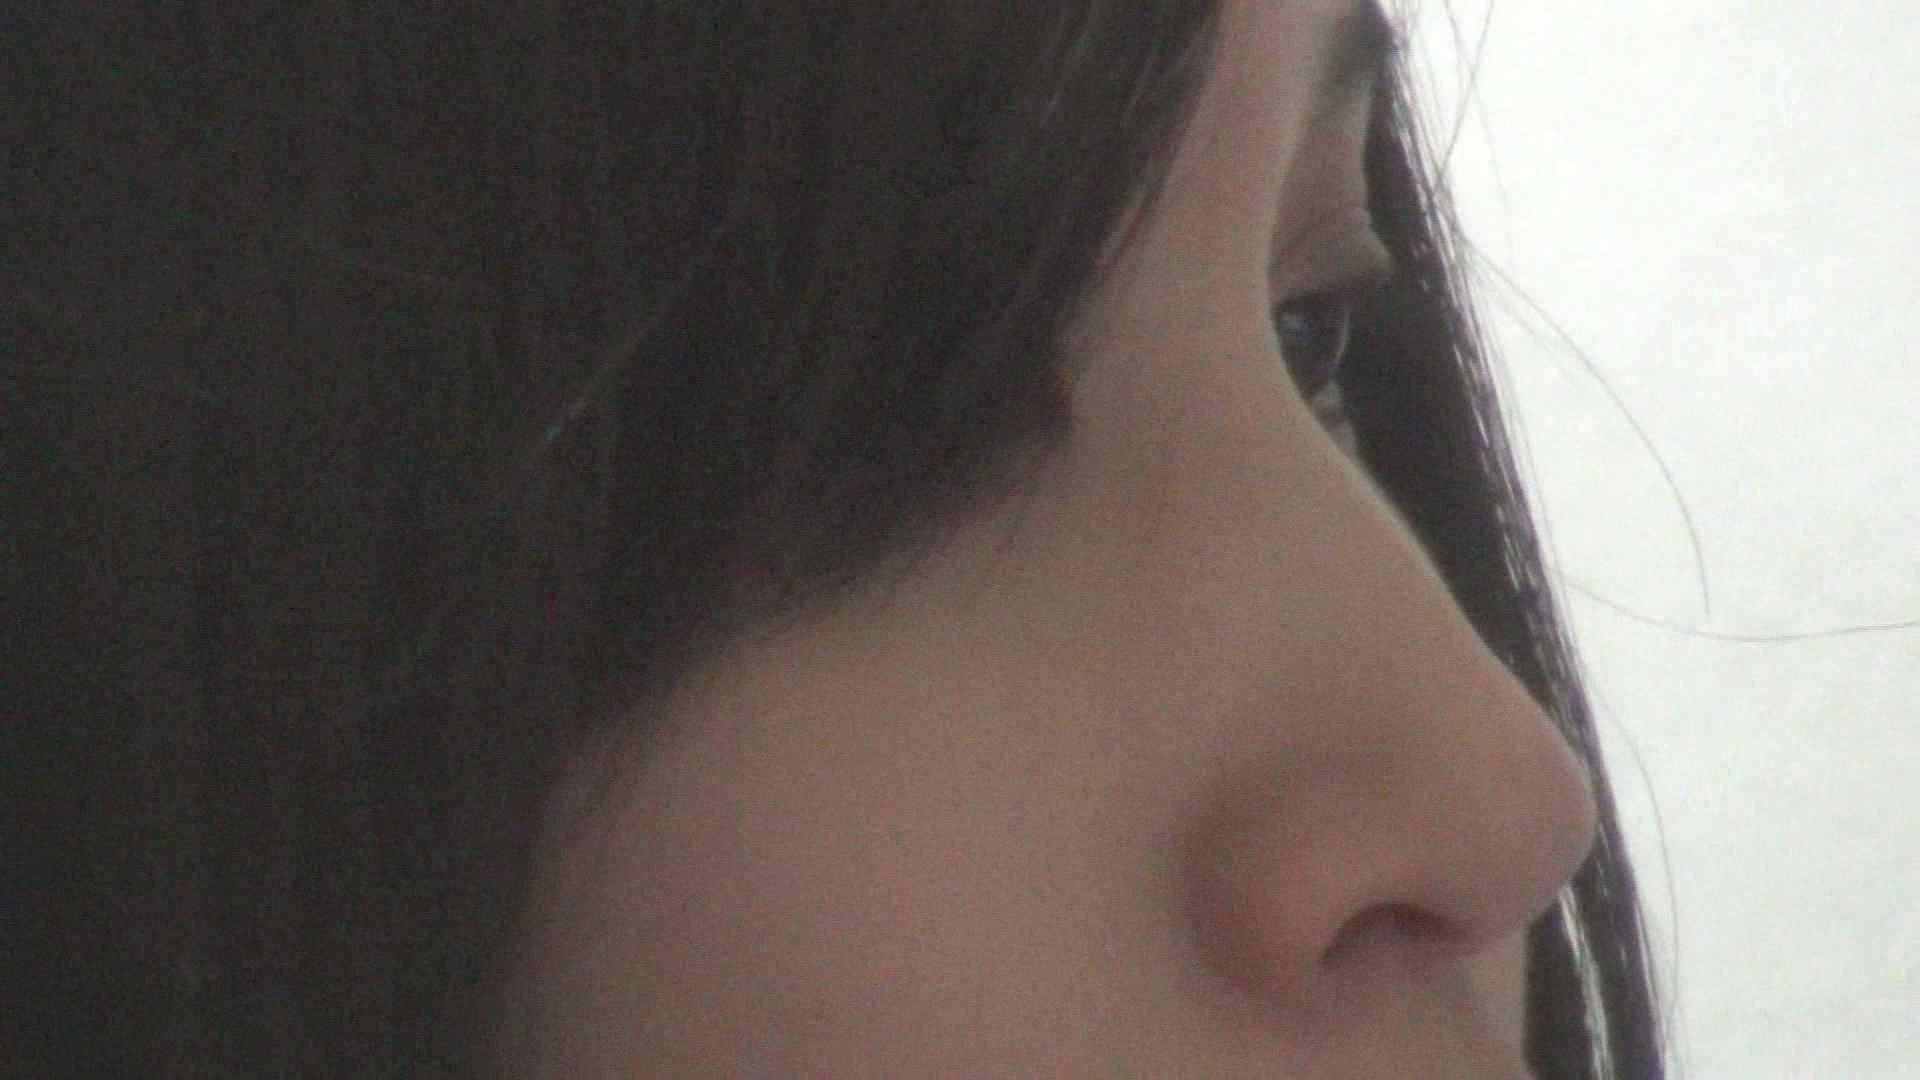 【05】仕事が忙しくて・・・久しぶりにベランダで待ち伏せ おまんこ おめこ無修正画像 72連発 64